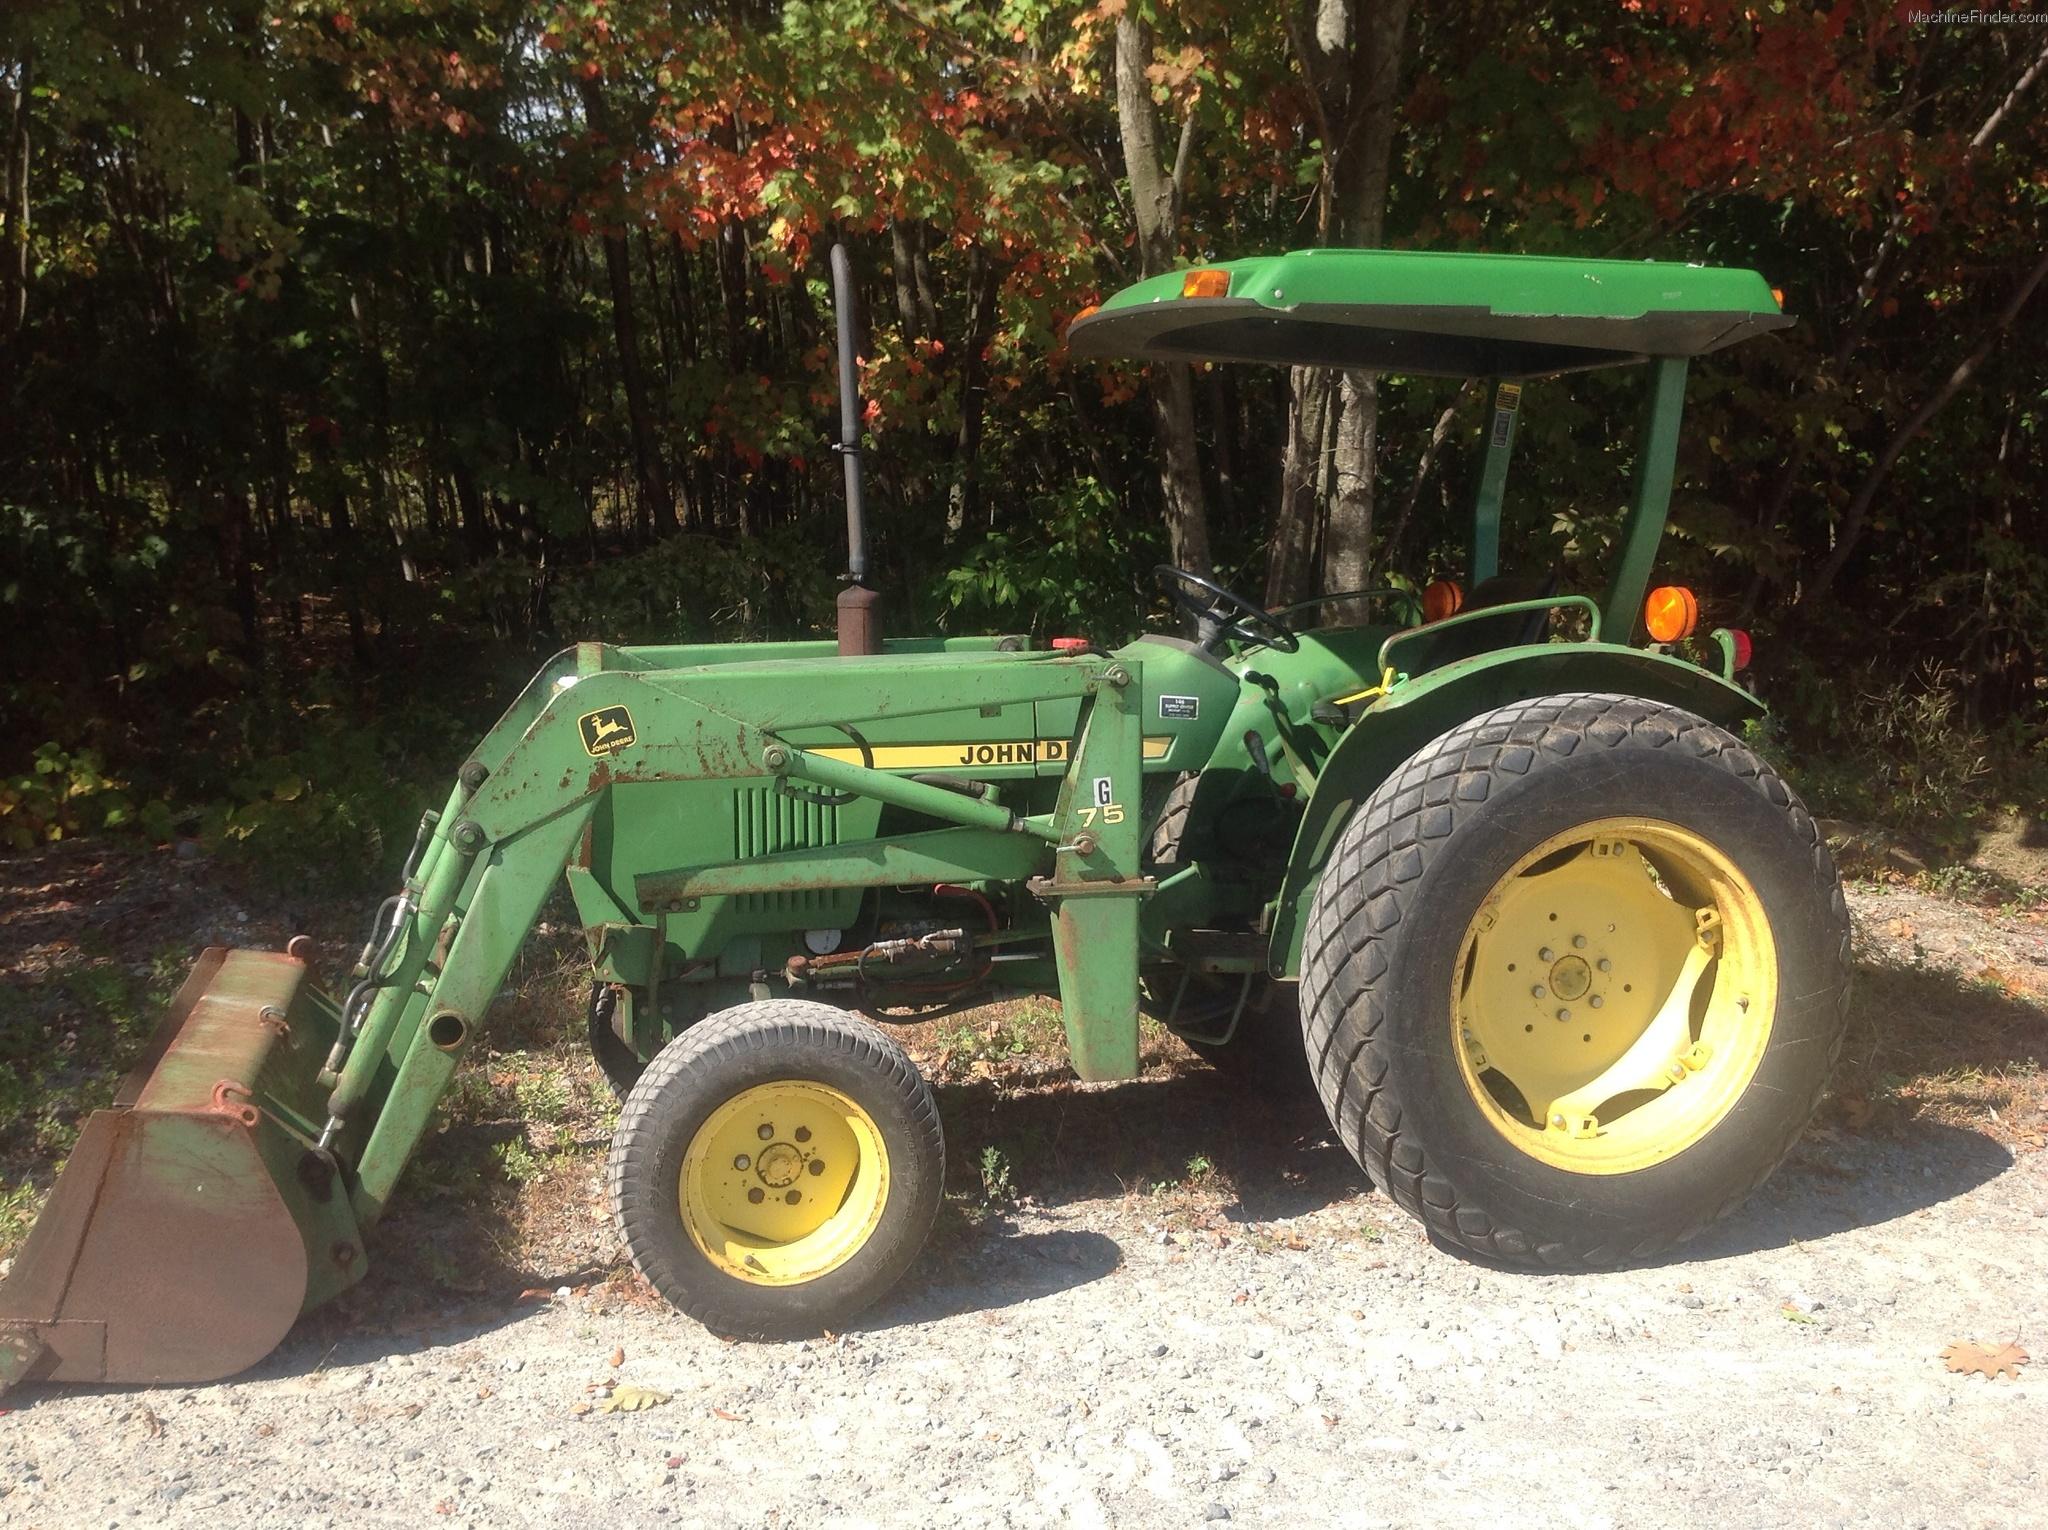 John Deere 950 Tractors - Compact (1-40hp.) - John Deere ...